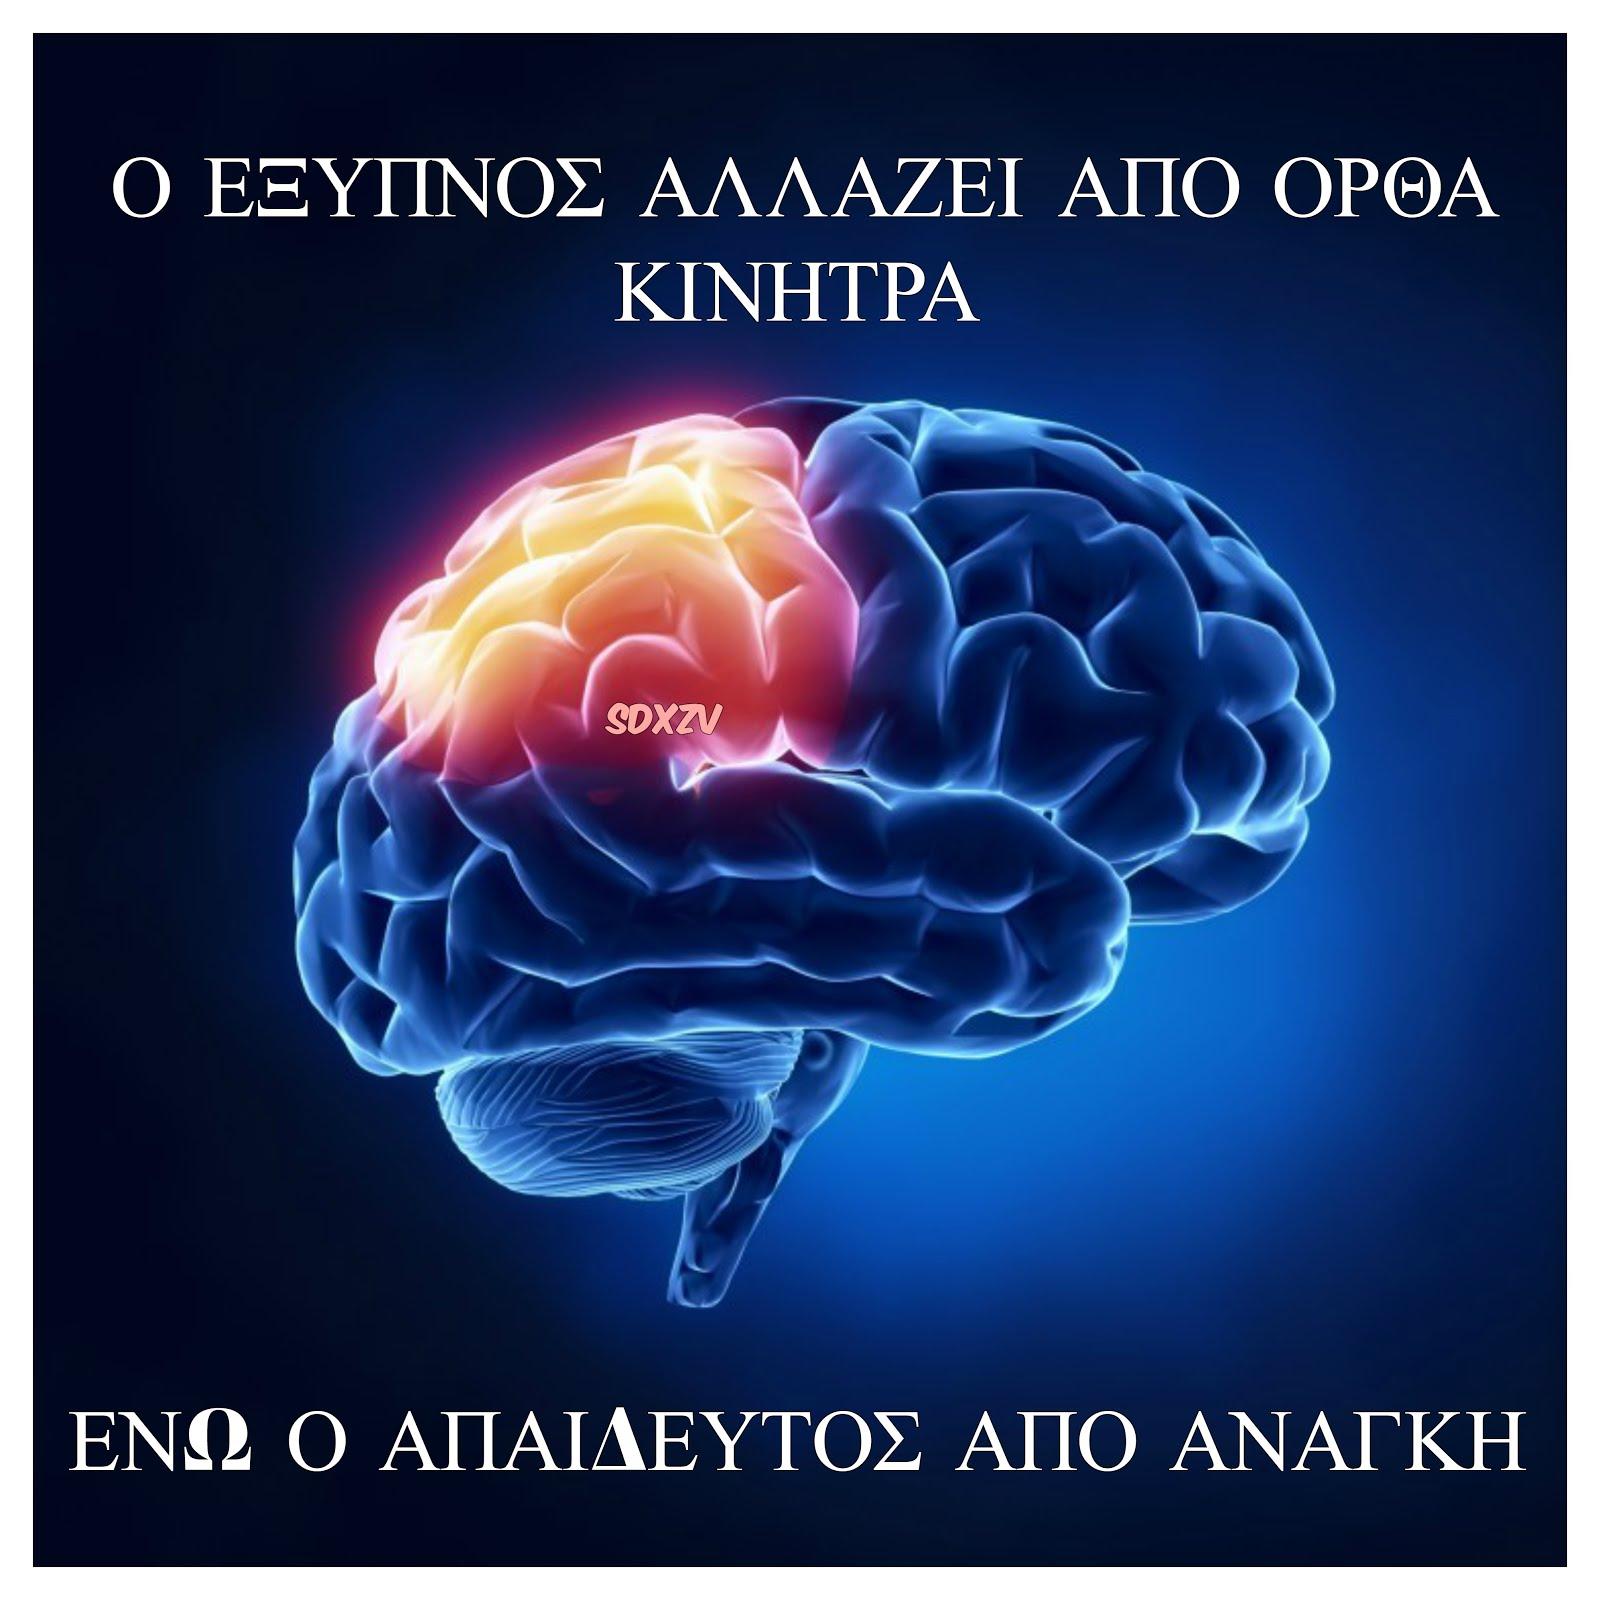 Ο έξυπνος, ποιος είναι ?